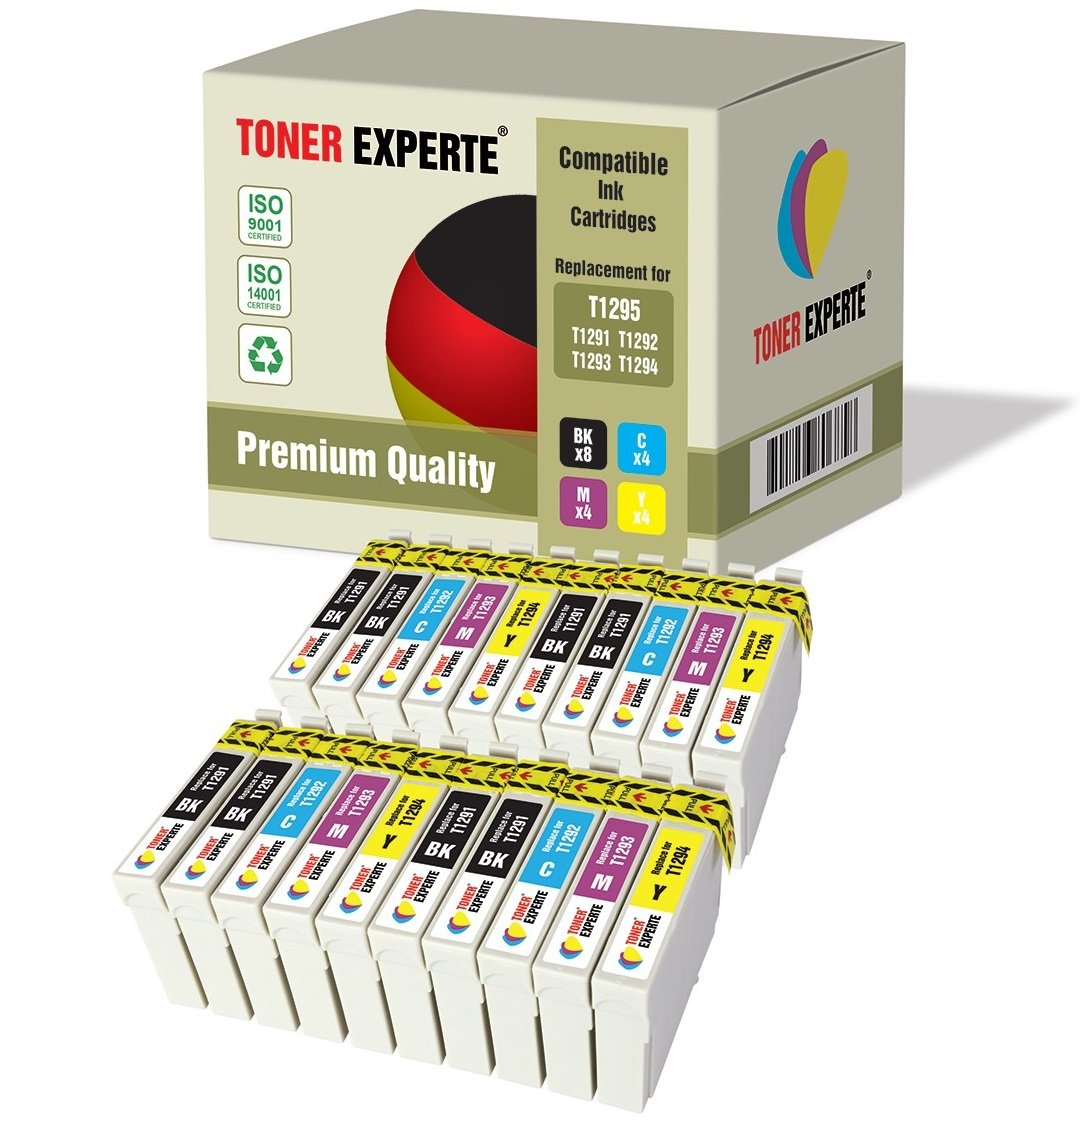 Pack de 20 XL TONER EXPERTE® Compatibles T1295 Cartuchos de Tinta para Epson Stylus SX235W SX420W SX425W SX525WD SX535WD Office BX305F BX305FW BX320FW ...